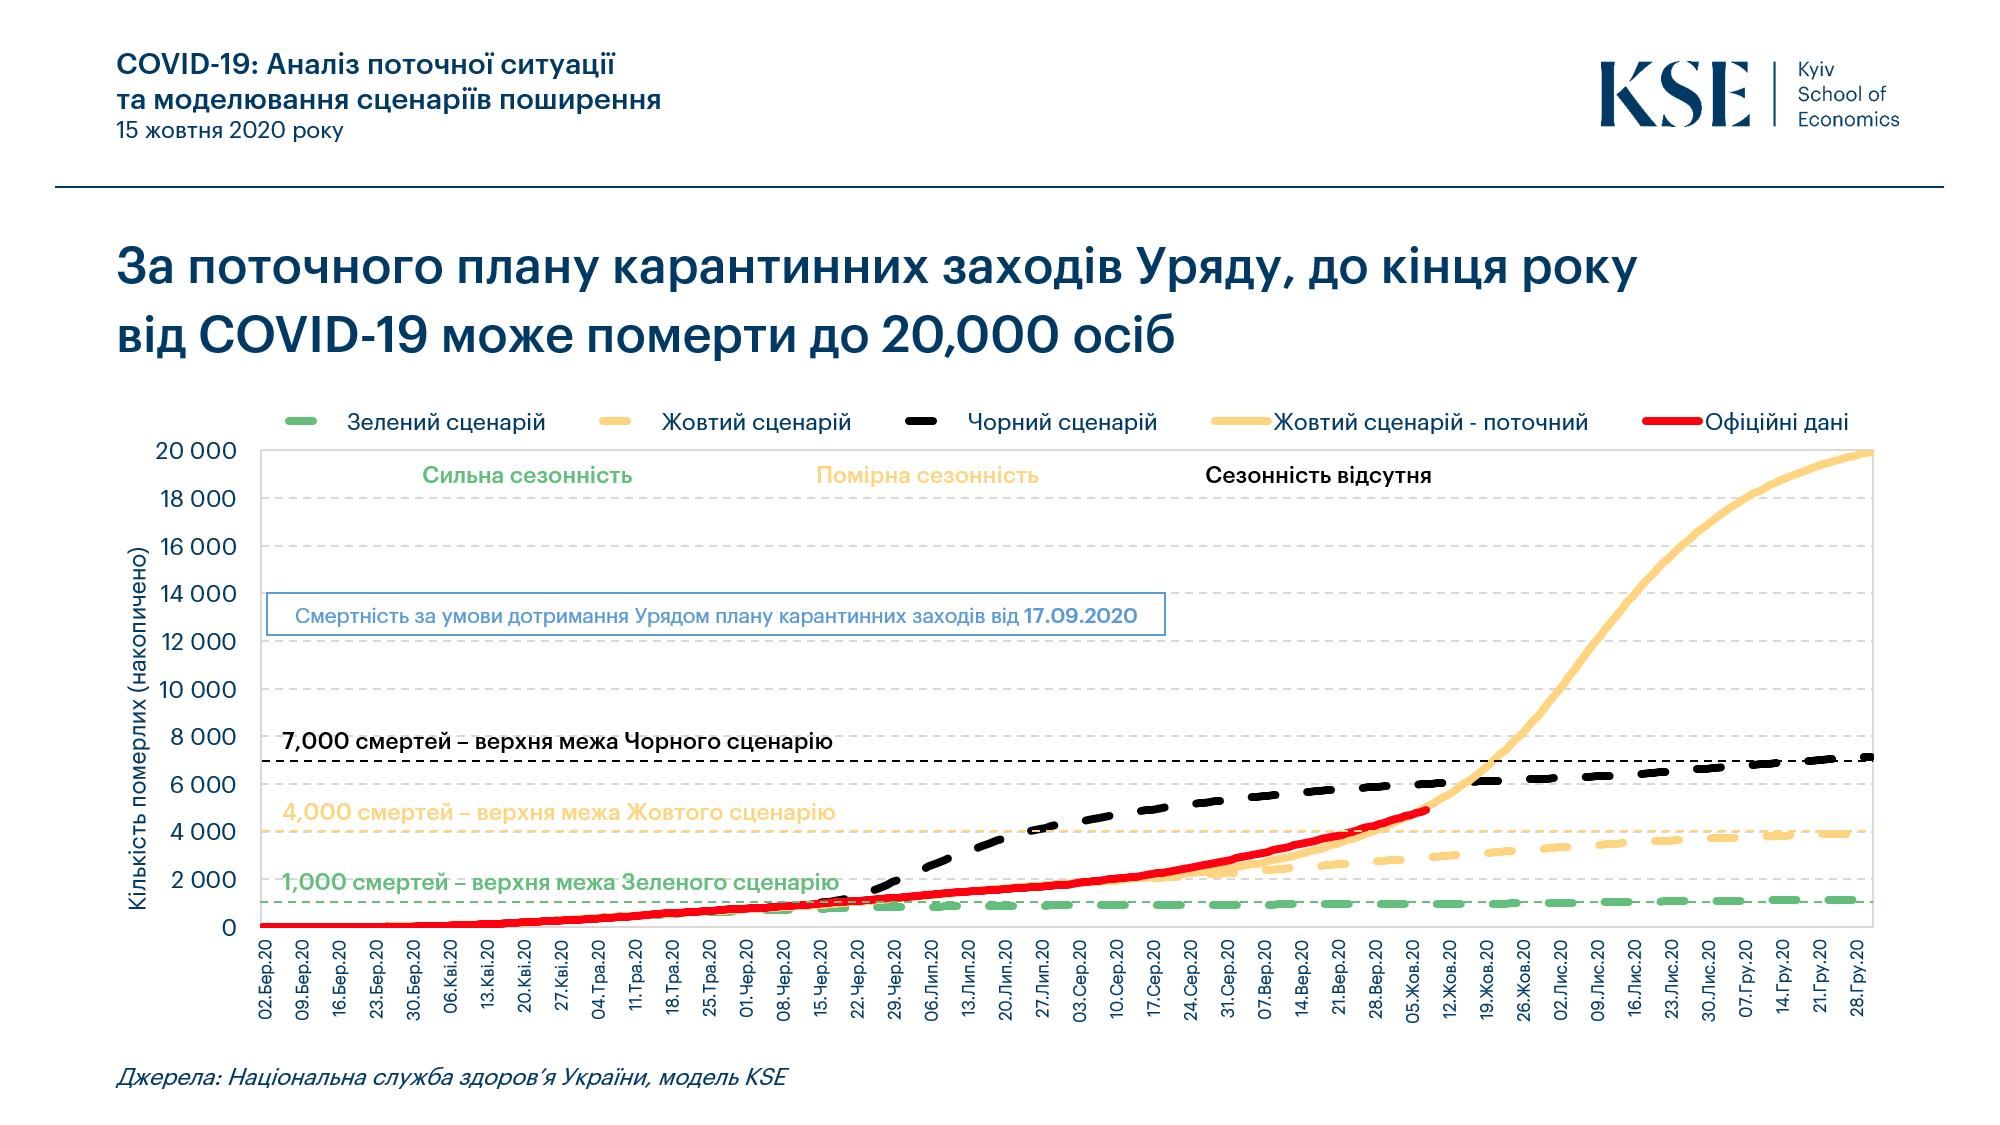 Умрет 20 тысяч человек: в Украине озвучили прогноз по COVID-19 до конца 2020